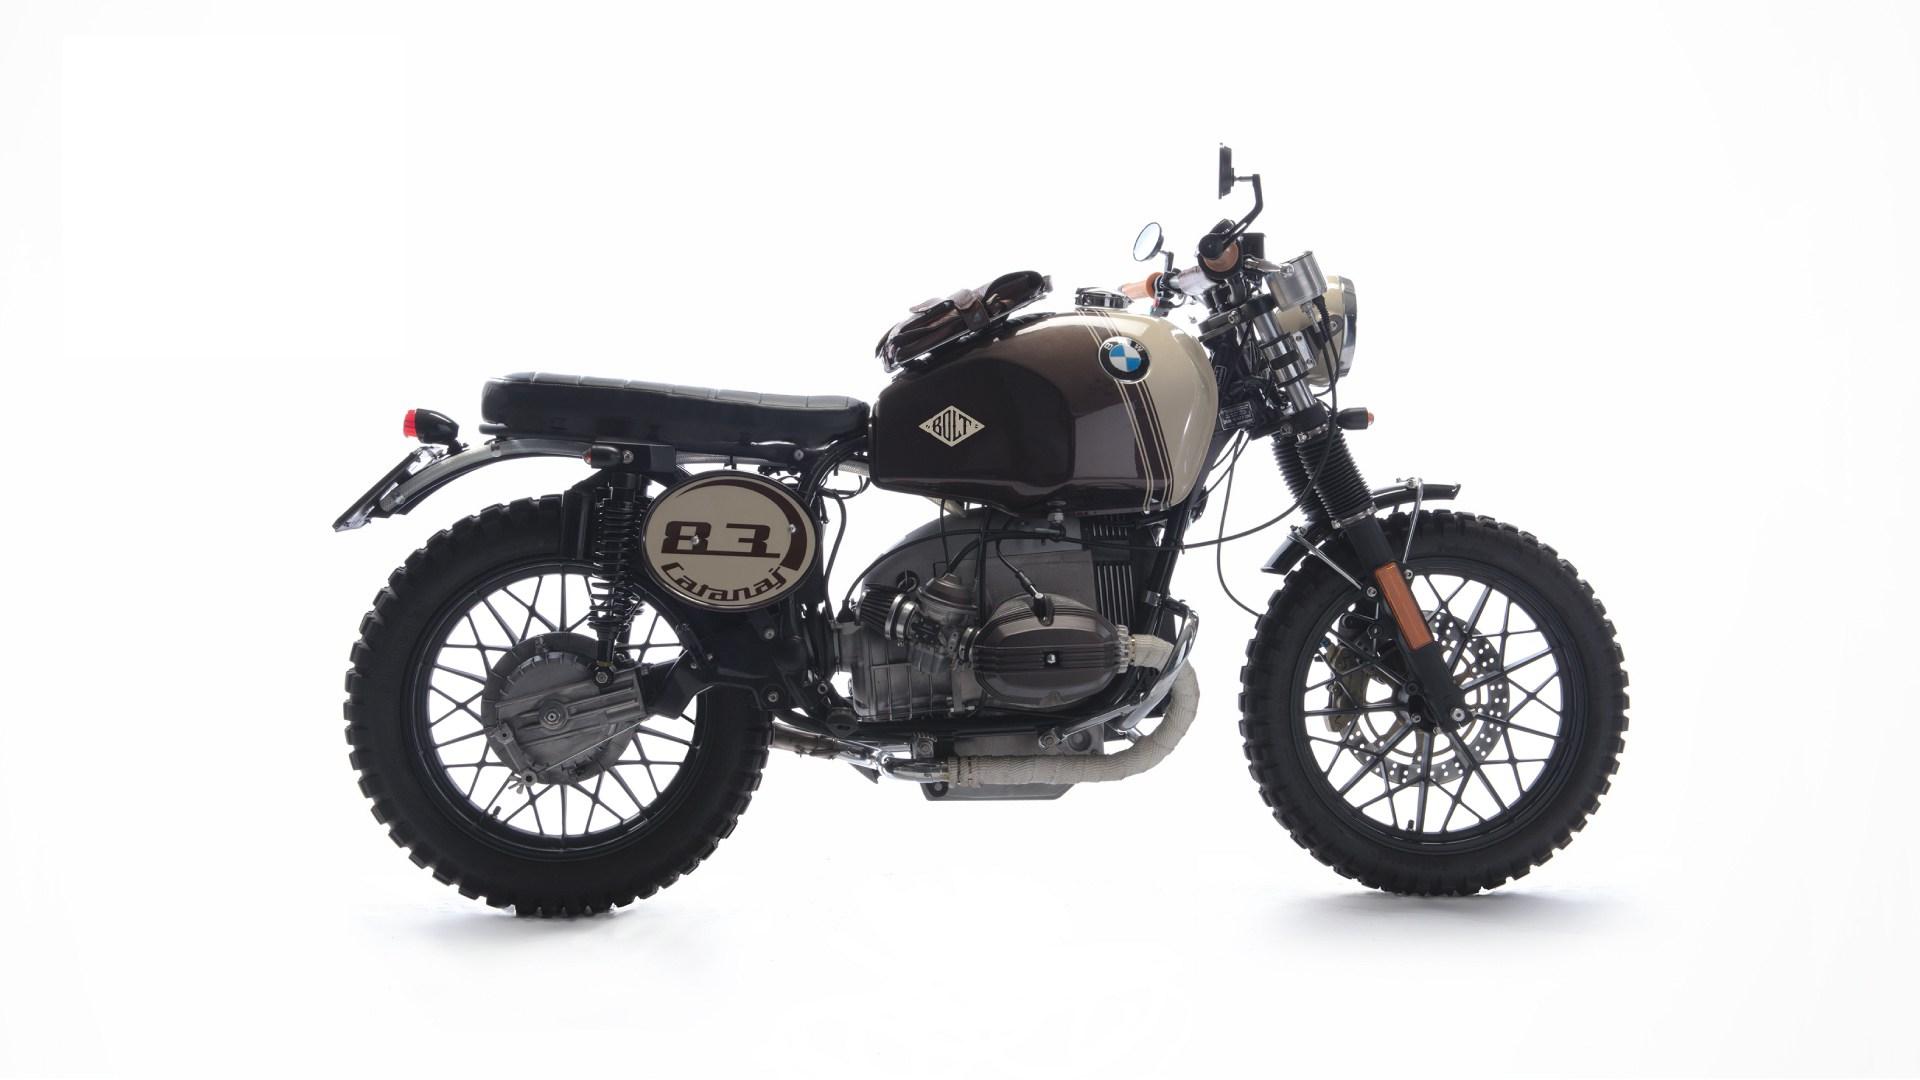 Bmw R45 Scrambler By Bolt Motor Co Bikebound